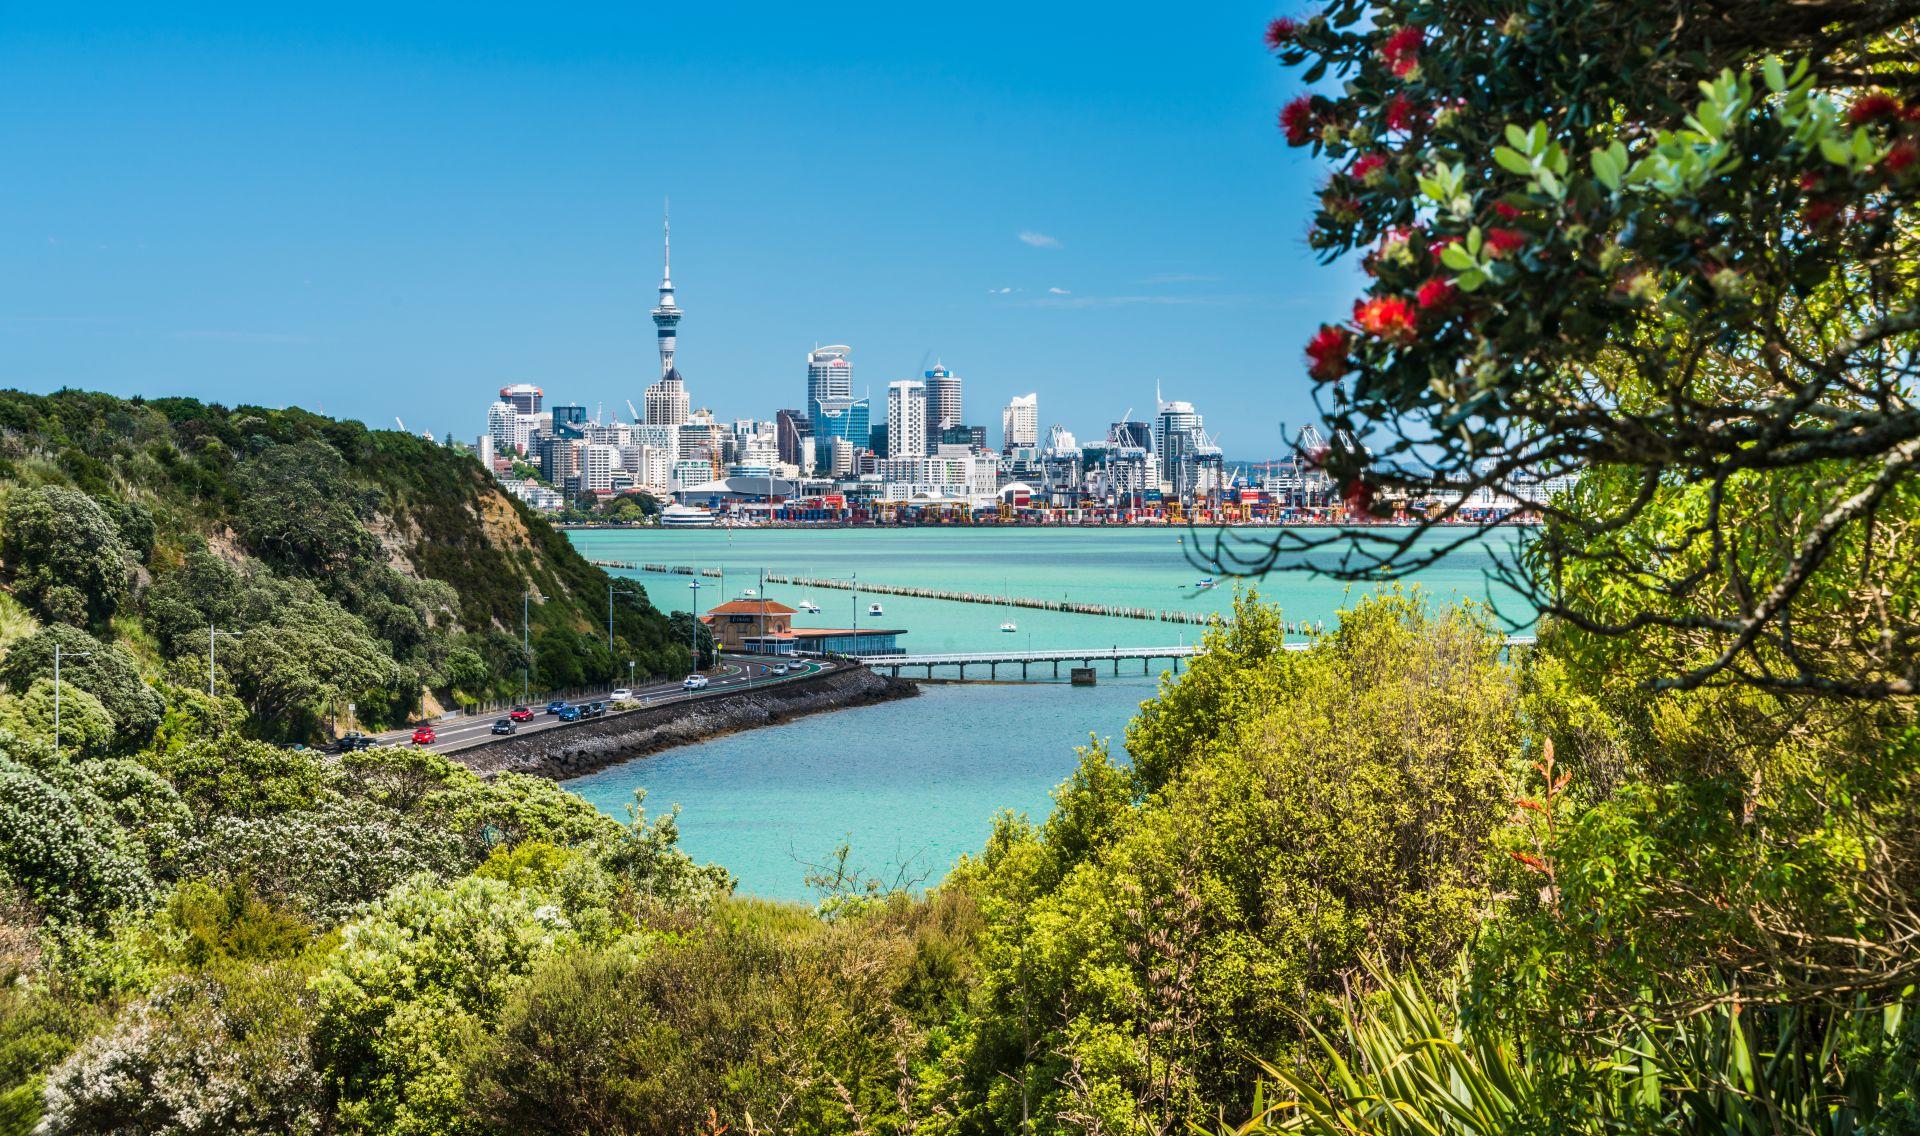 Окланд заема лидерското място в класацията на най-добрите градове за живеене